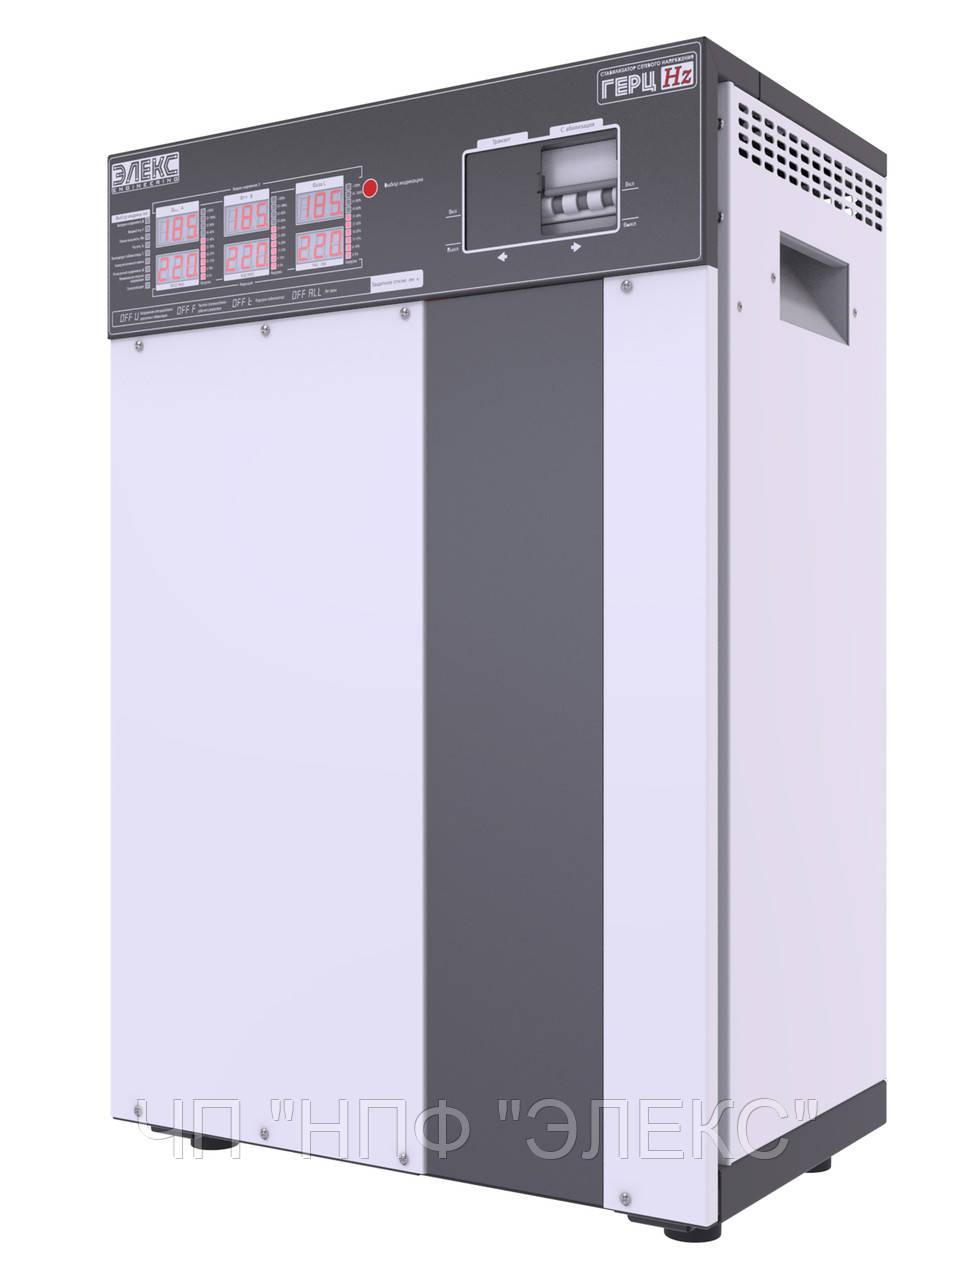 Стабилизатор напряжения трехфазный ГЕРЦ 36-3-80 v3.0 (52,8 кВА/кВт), 36 ступеней стабилизации, тиристорный